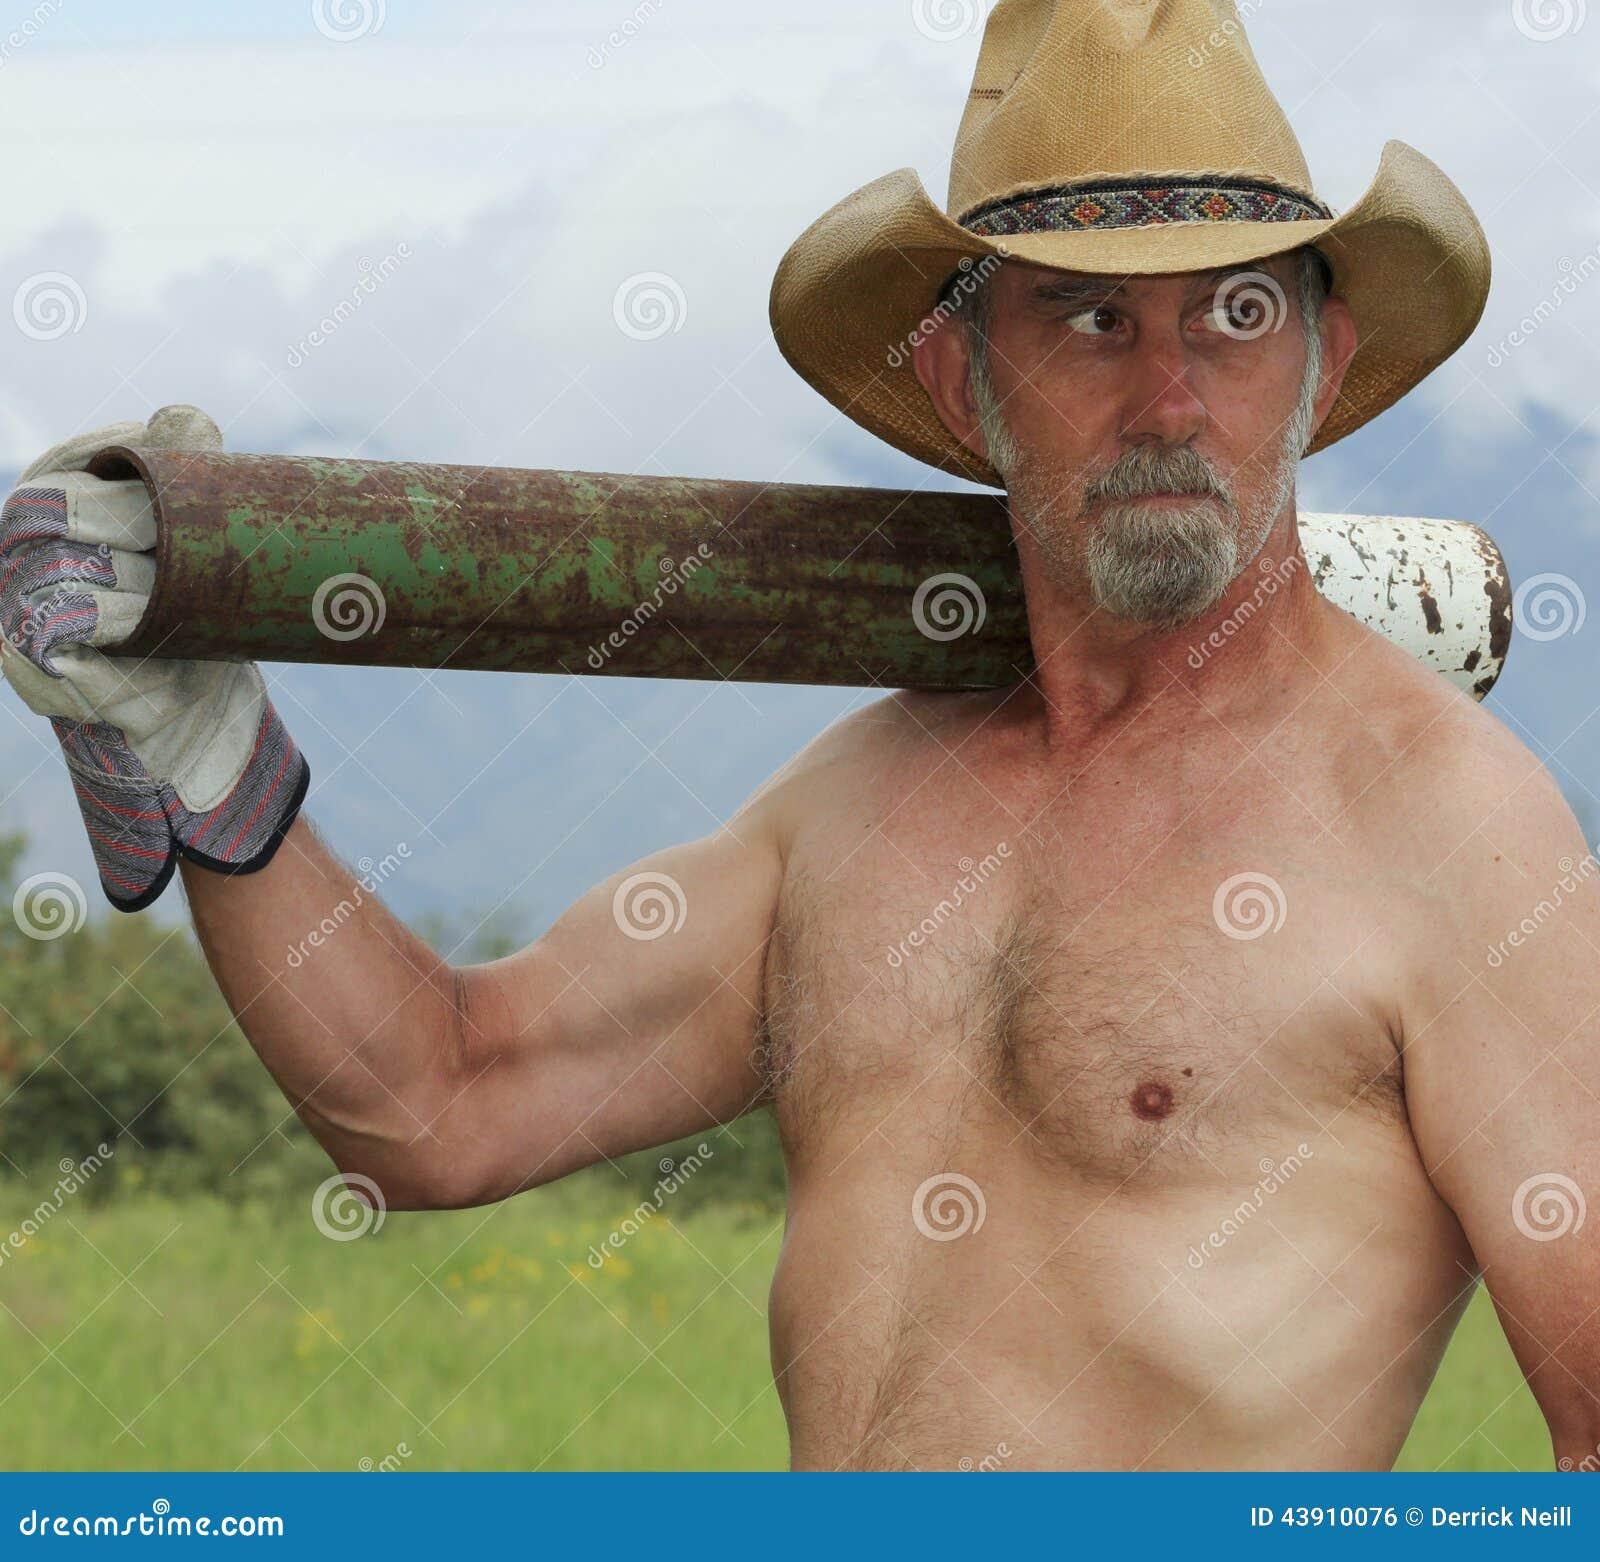 the dreams of a gay cowboy